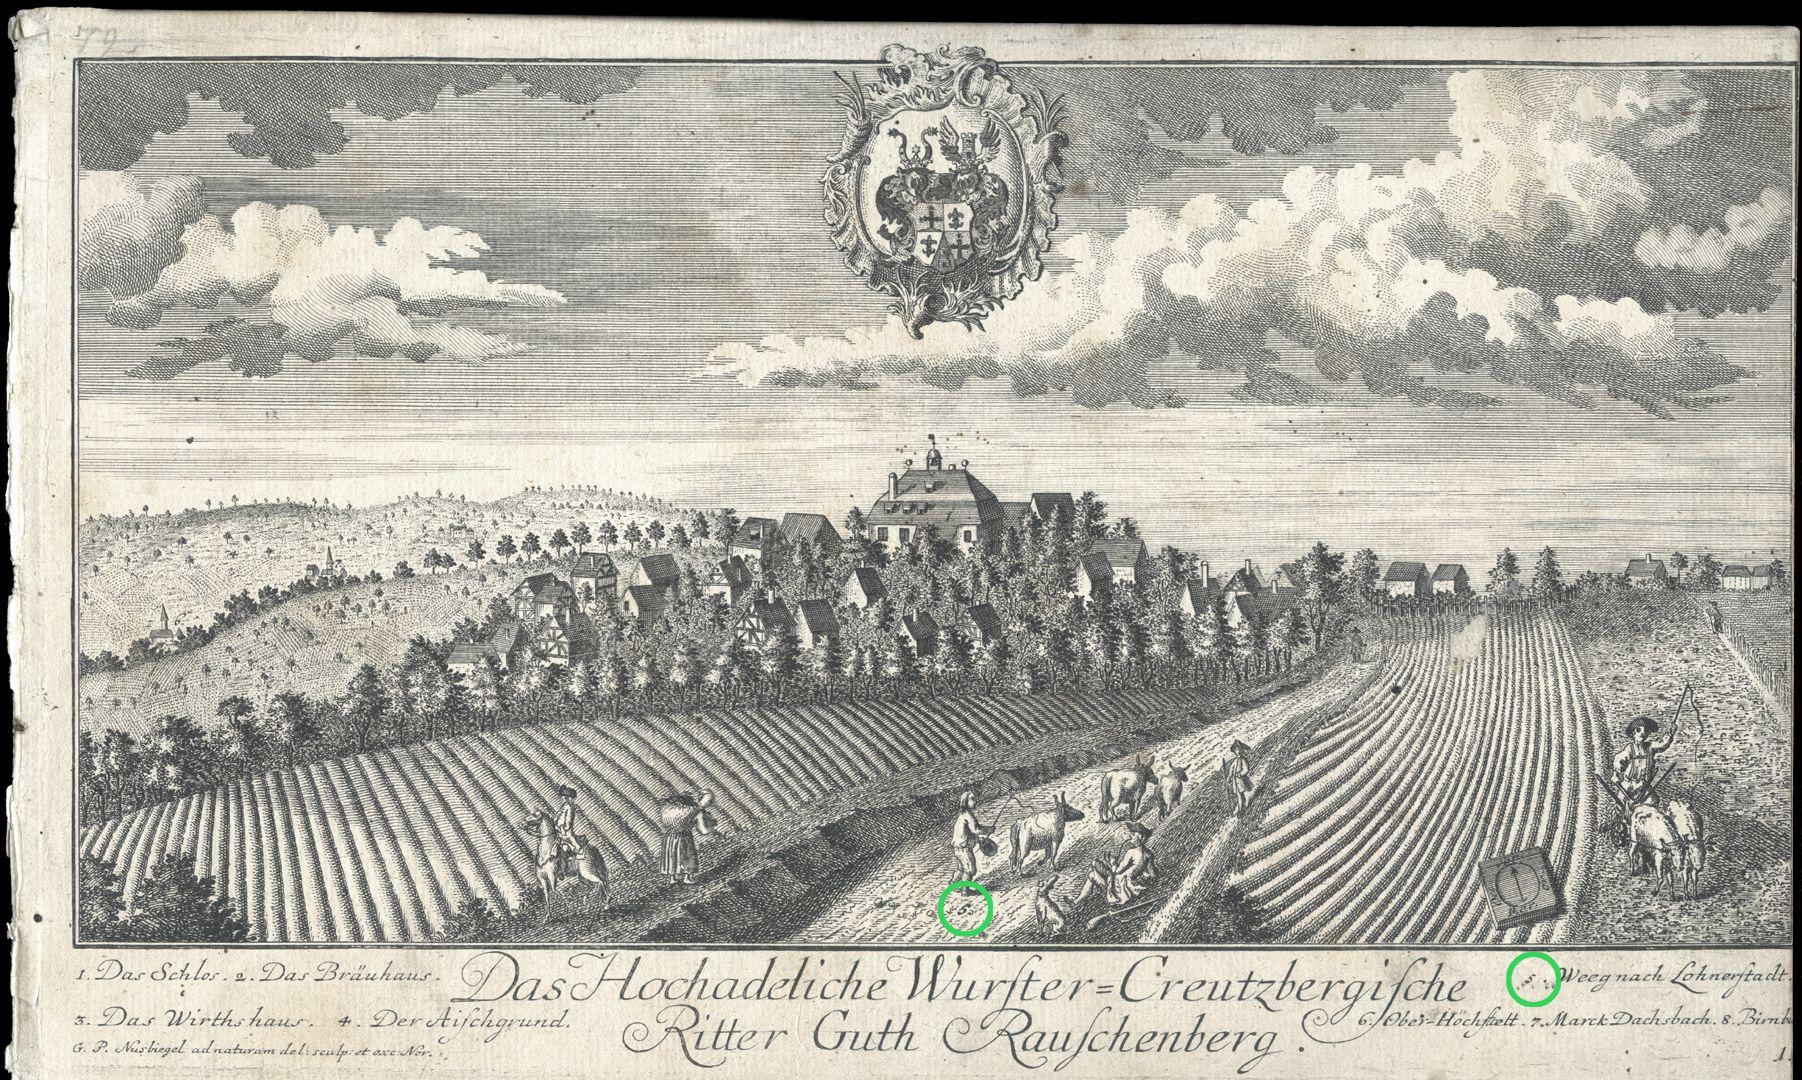 """Das Hochadeliche Wurster=Creutzbergische Ritter Guth Rauschenberg """"Weeg nach Lohnerstadt"""""""